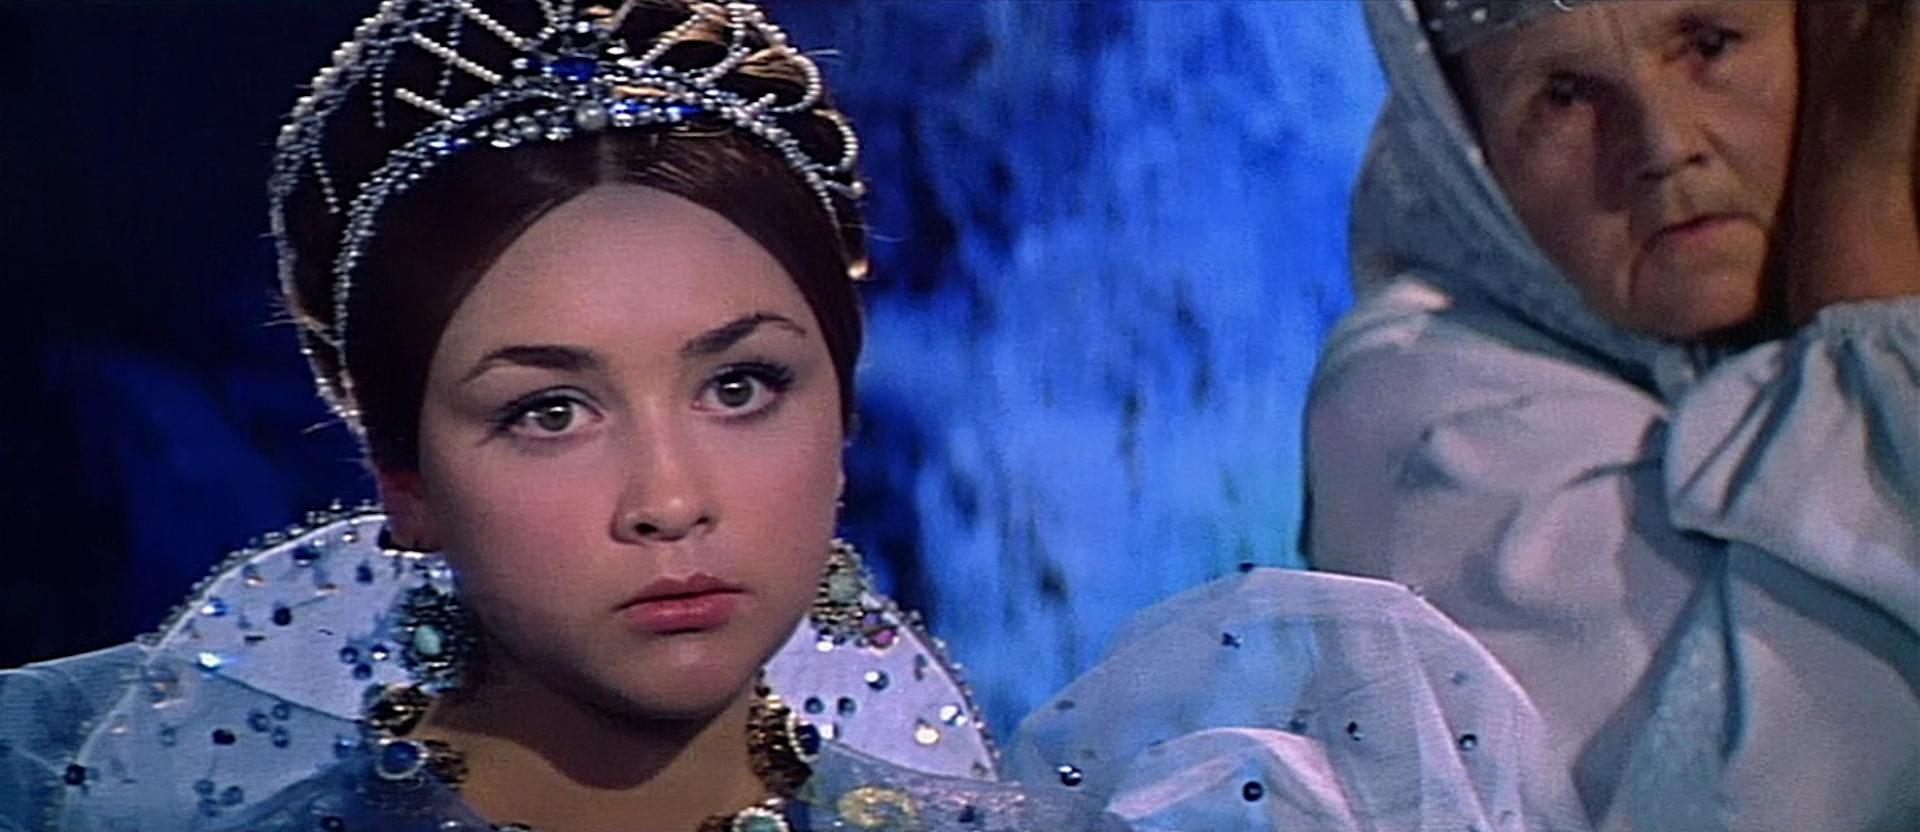 «Варвара-краса, длинная коса», музыкальная сказка (1969 г., реж. Александр Роу)